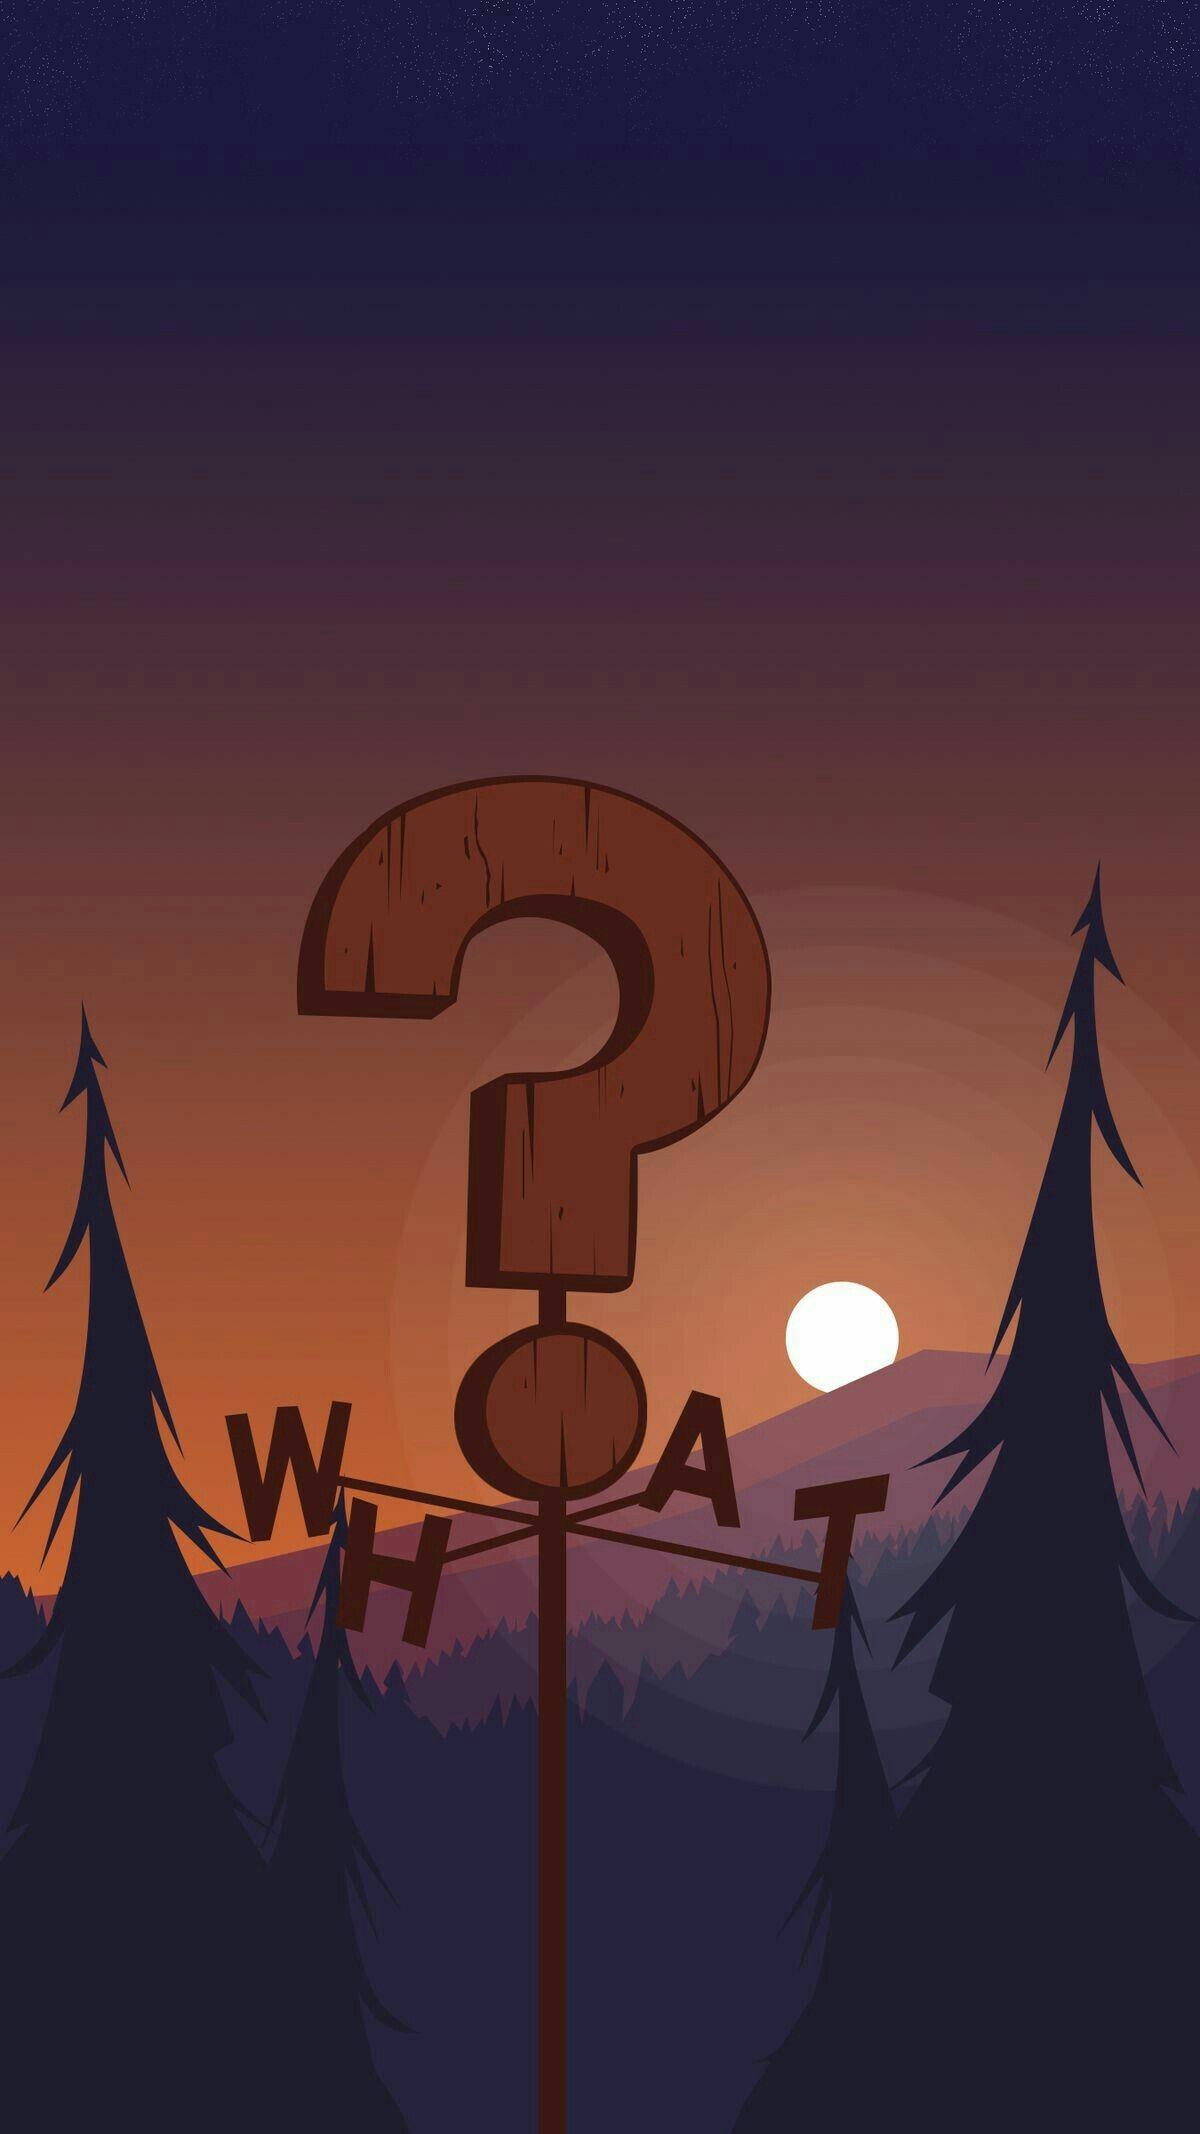 Gravity Falls Wallpaper Phone (71+ images)